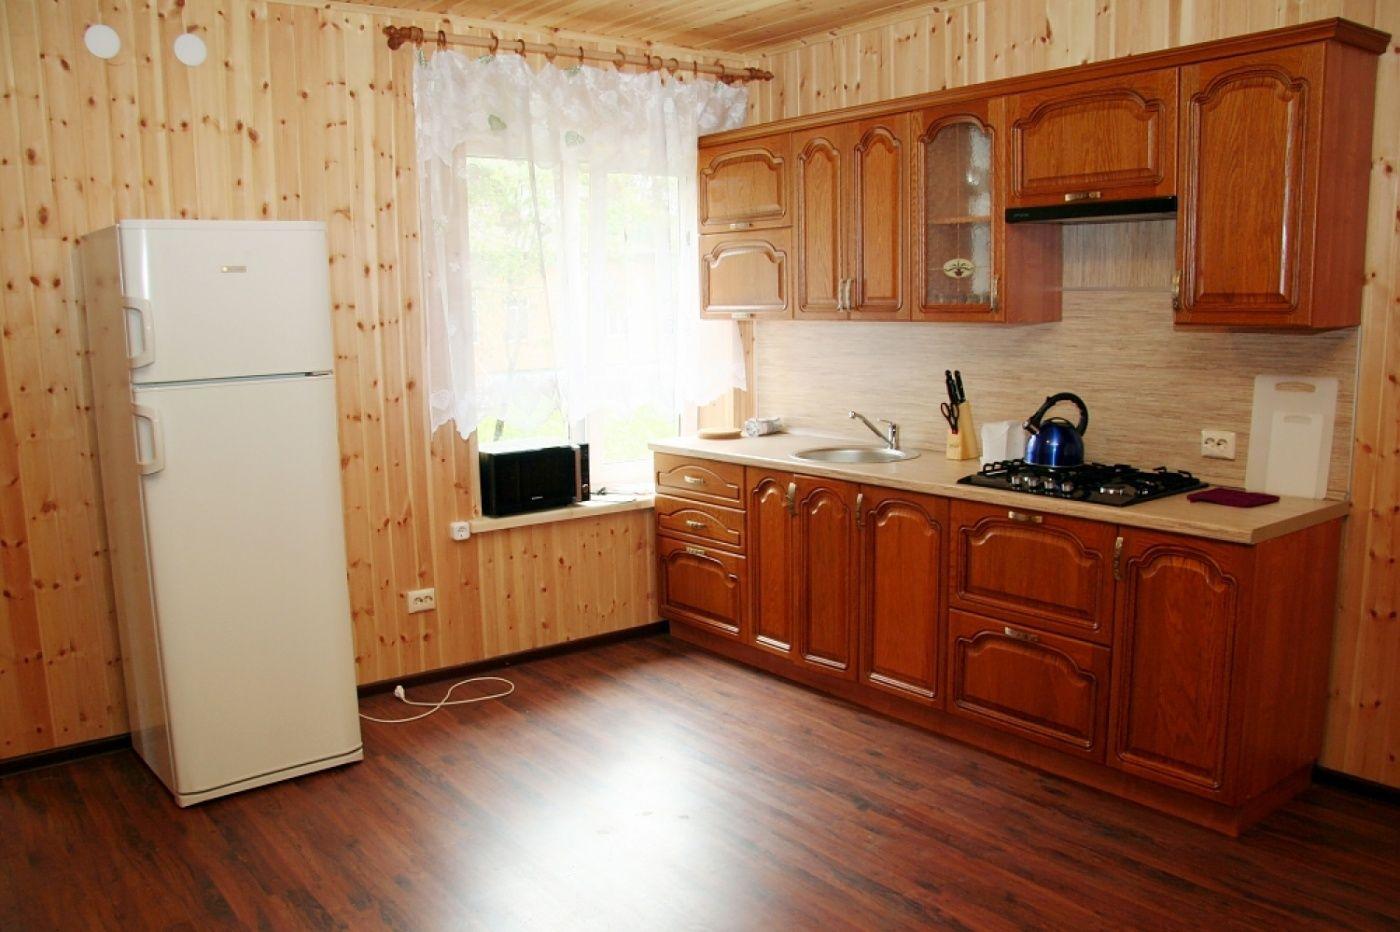 База отдыха «Соколинское» Ленинградская область 6-местный дом, фото 3